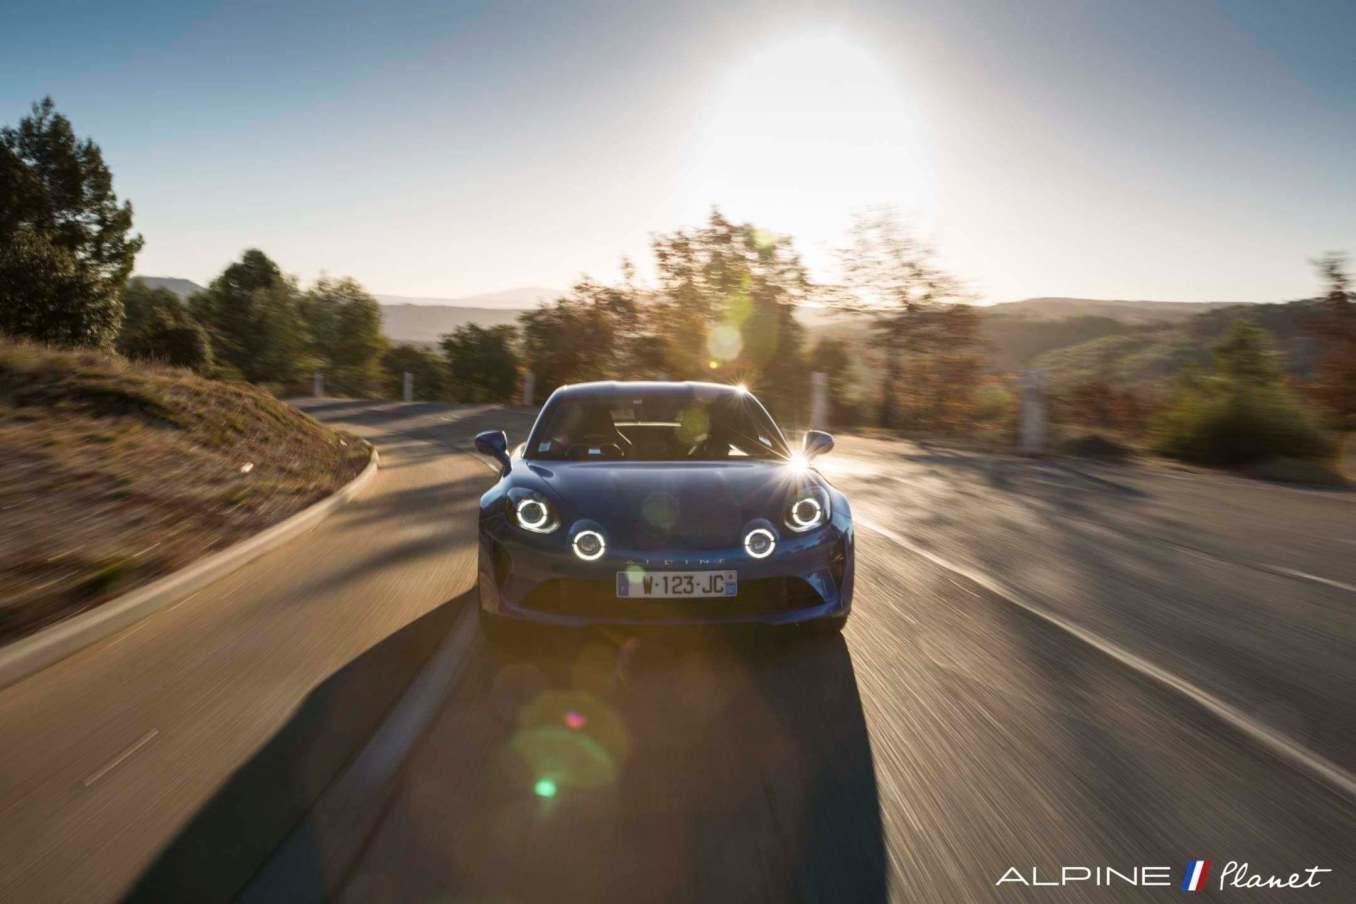 Alpine planet drive A110 6 | Notre essai de la nouvelle Alpine A110 sur route !